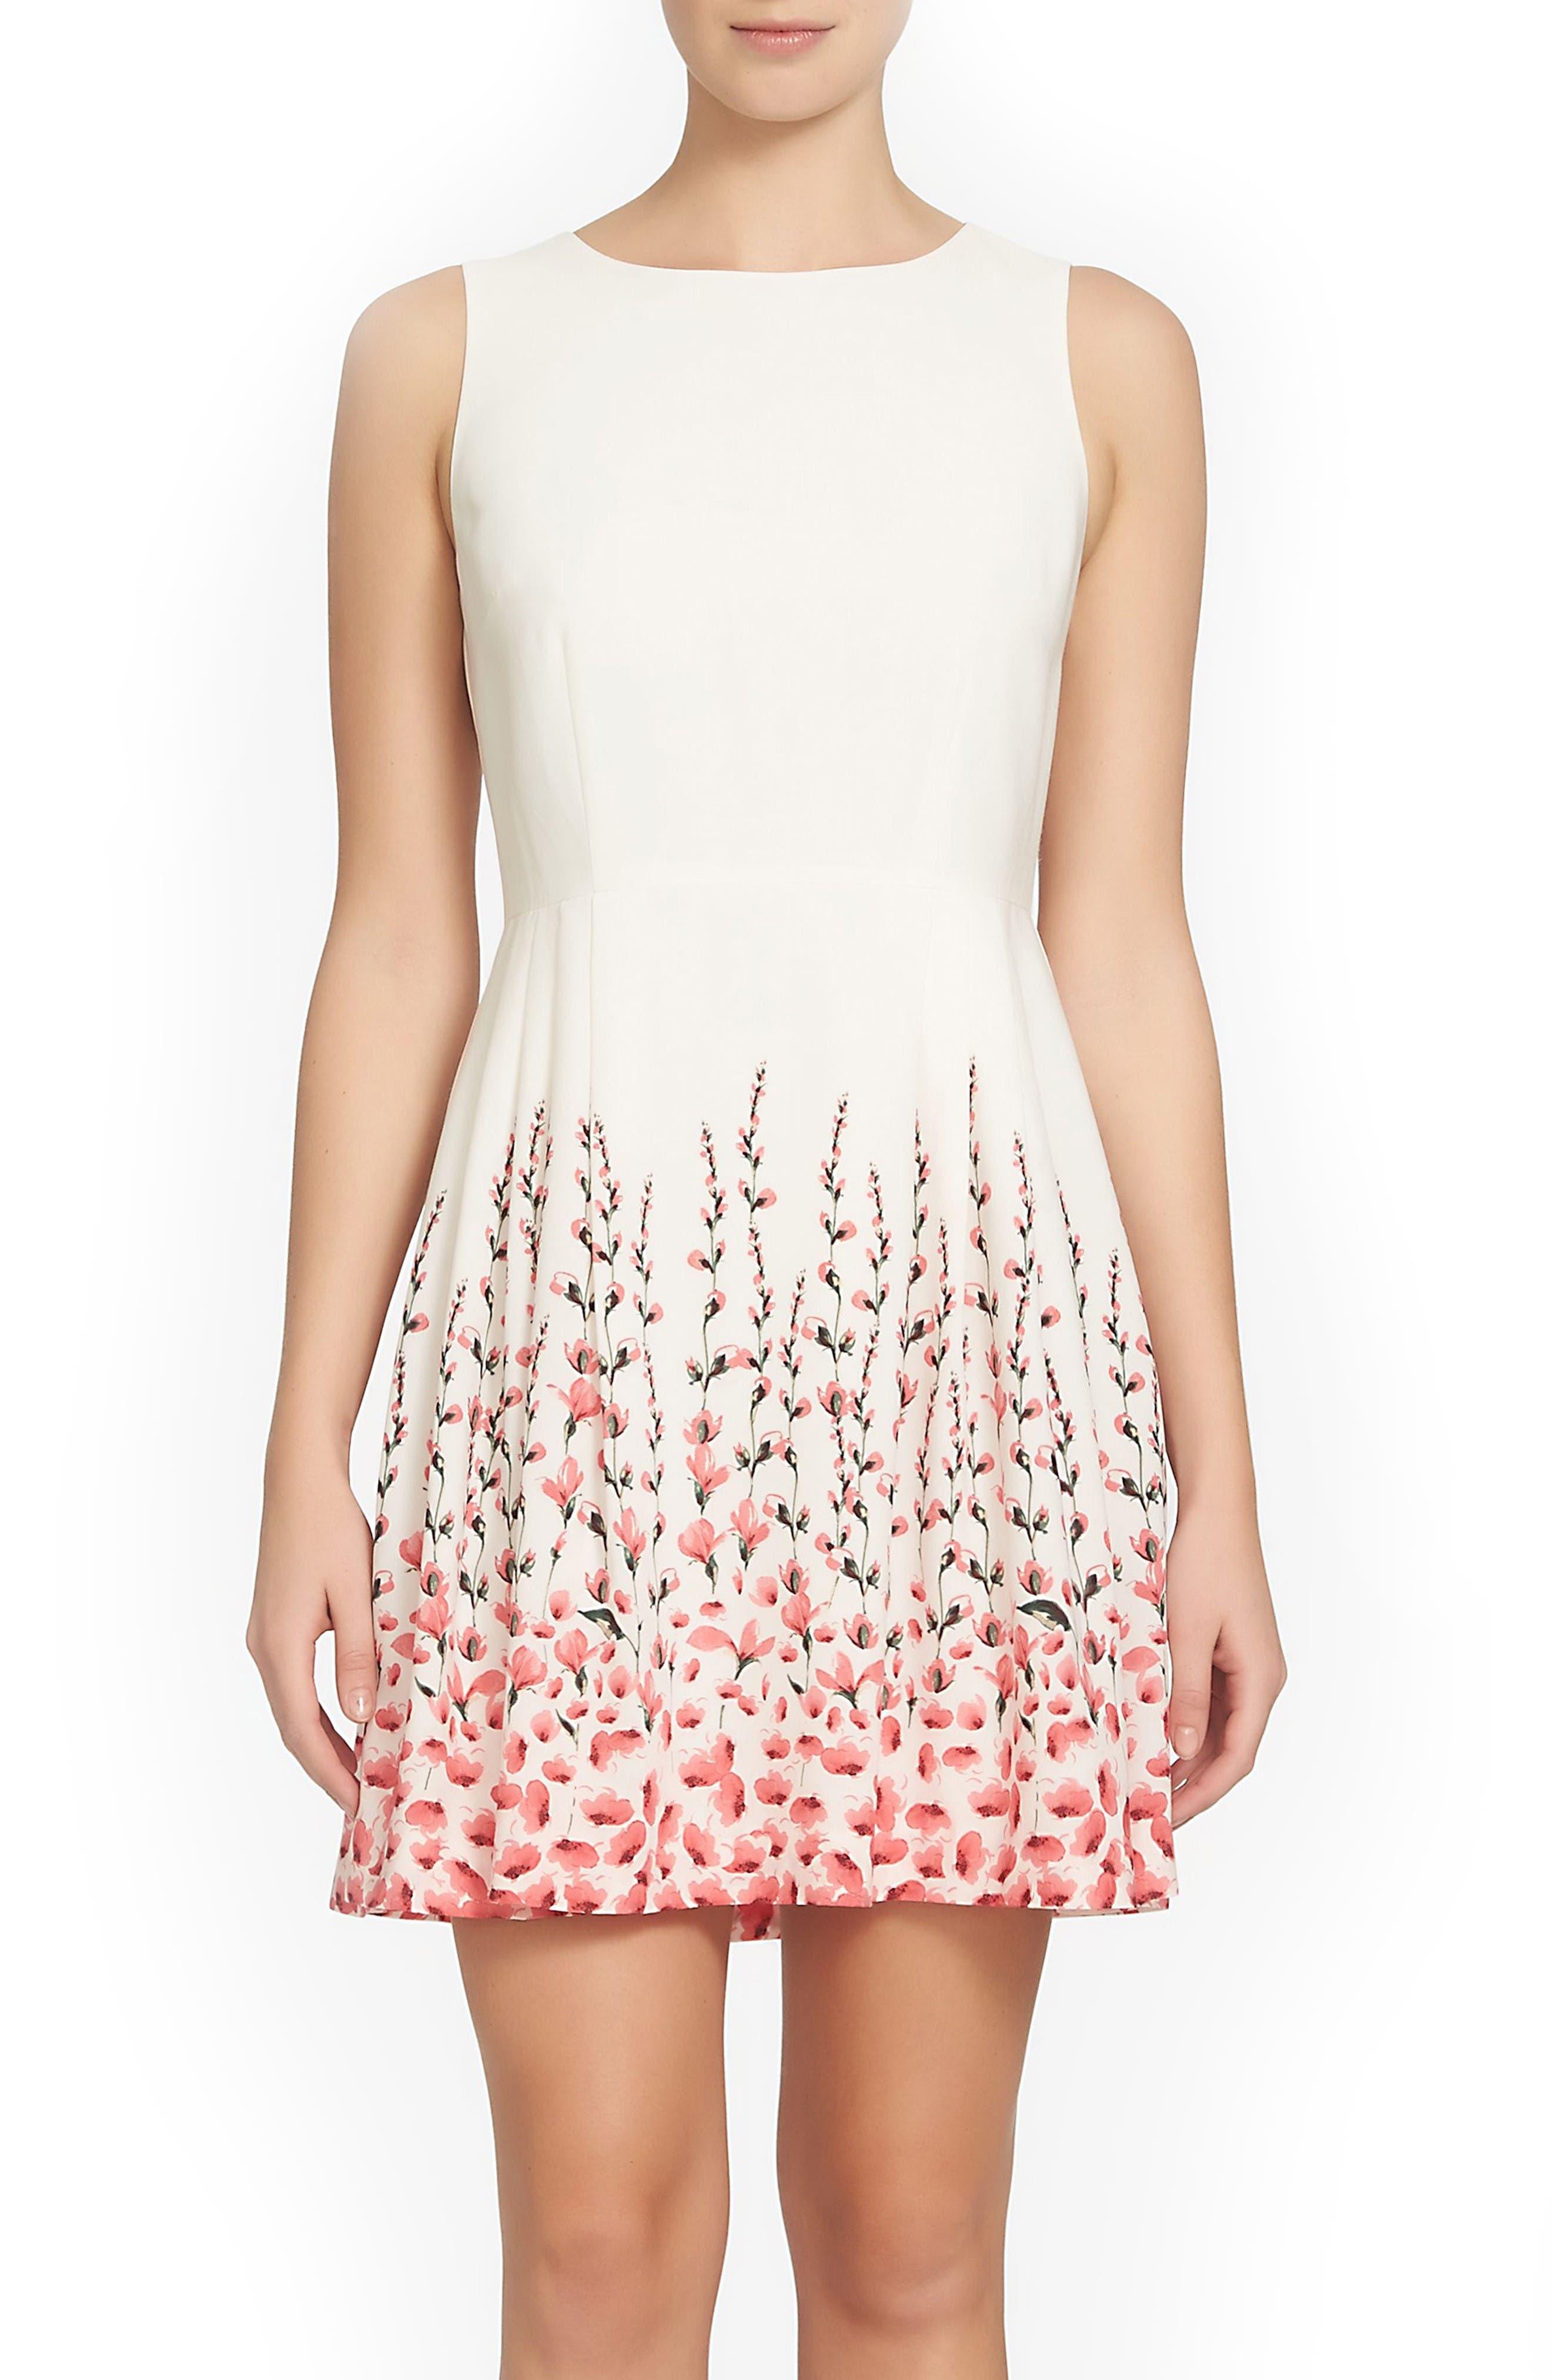 Alternate Image 1 Selected - CeCe Claiborne Fit & Flare Dress (Regular & Petite)